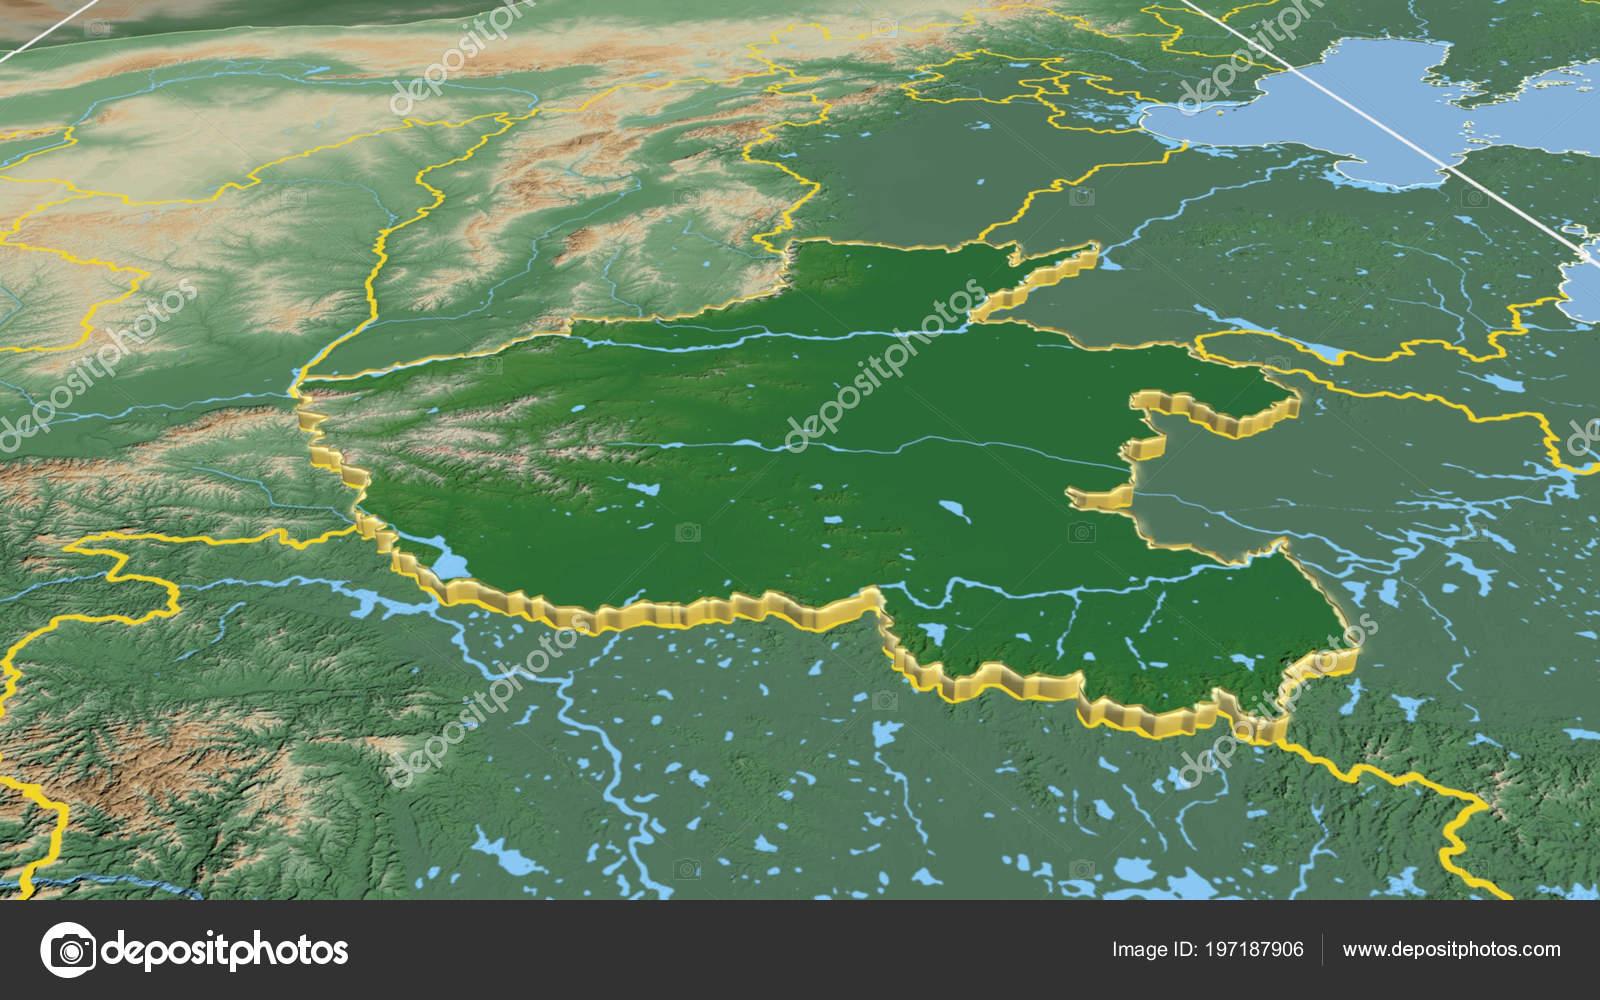 China Karte Physisch.Henan Extrudiert Region Von China Physische Karte Der Farbe